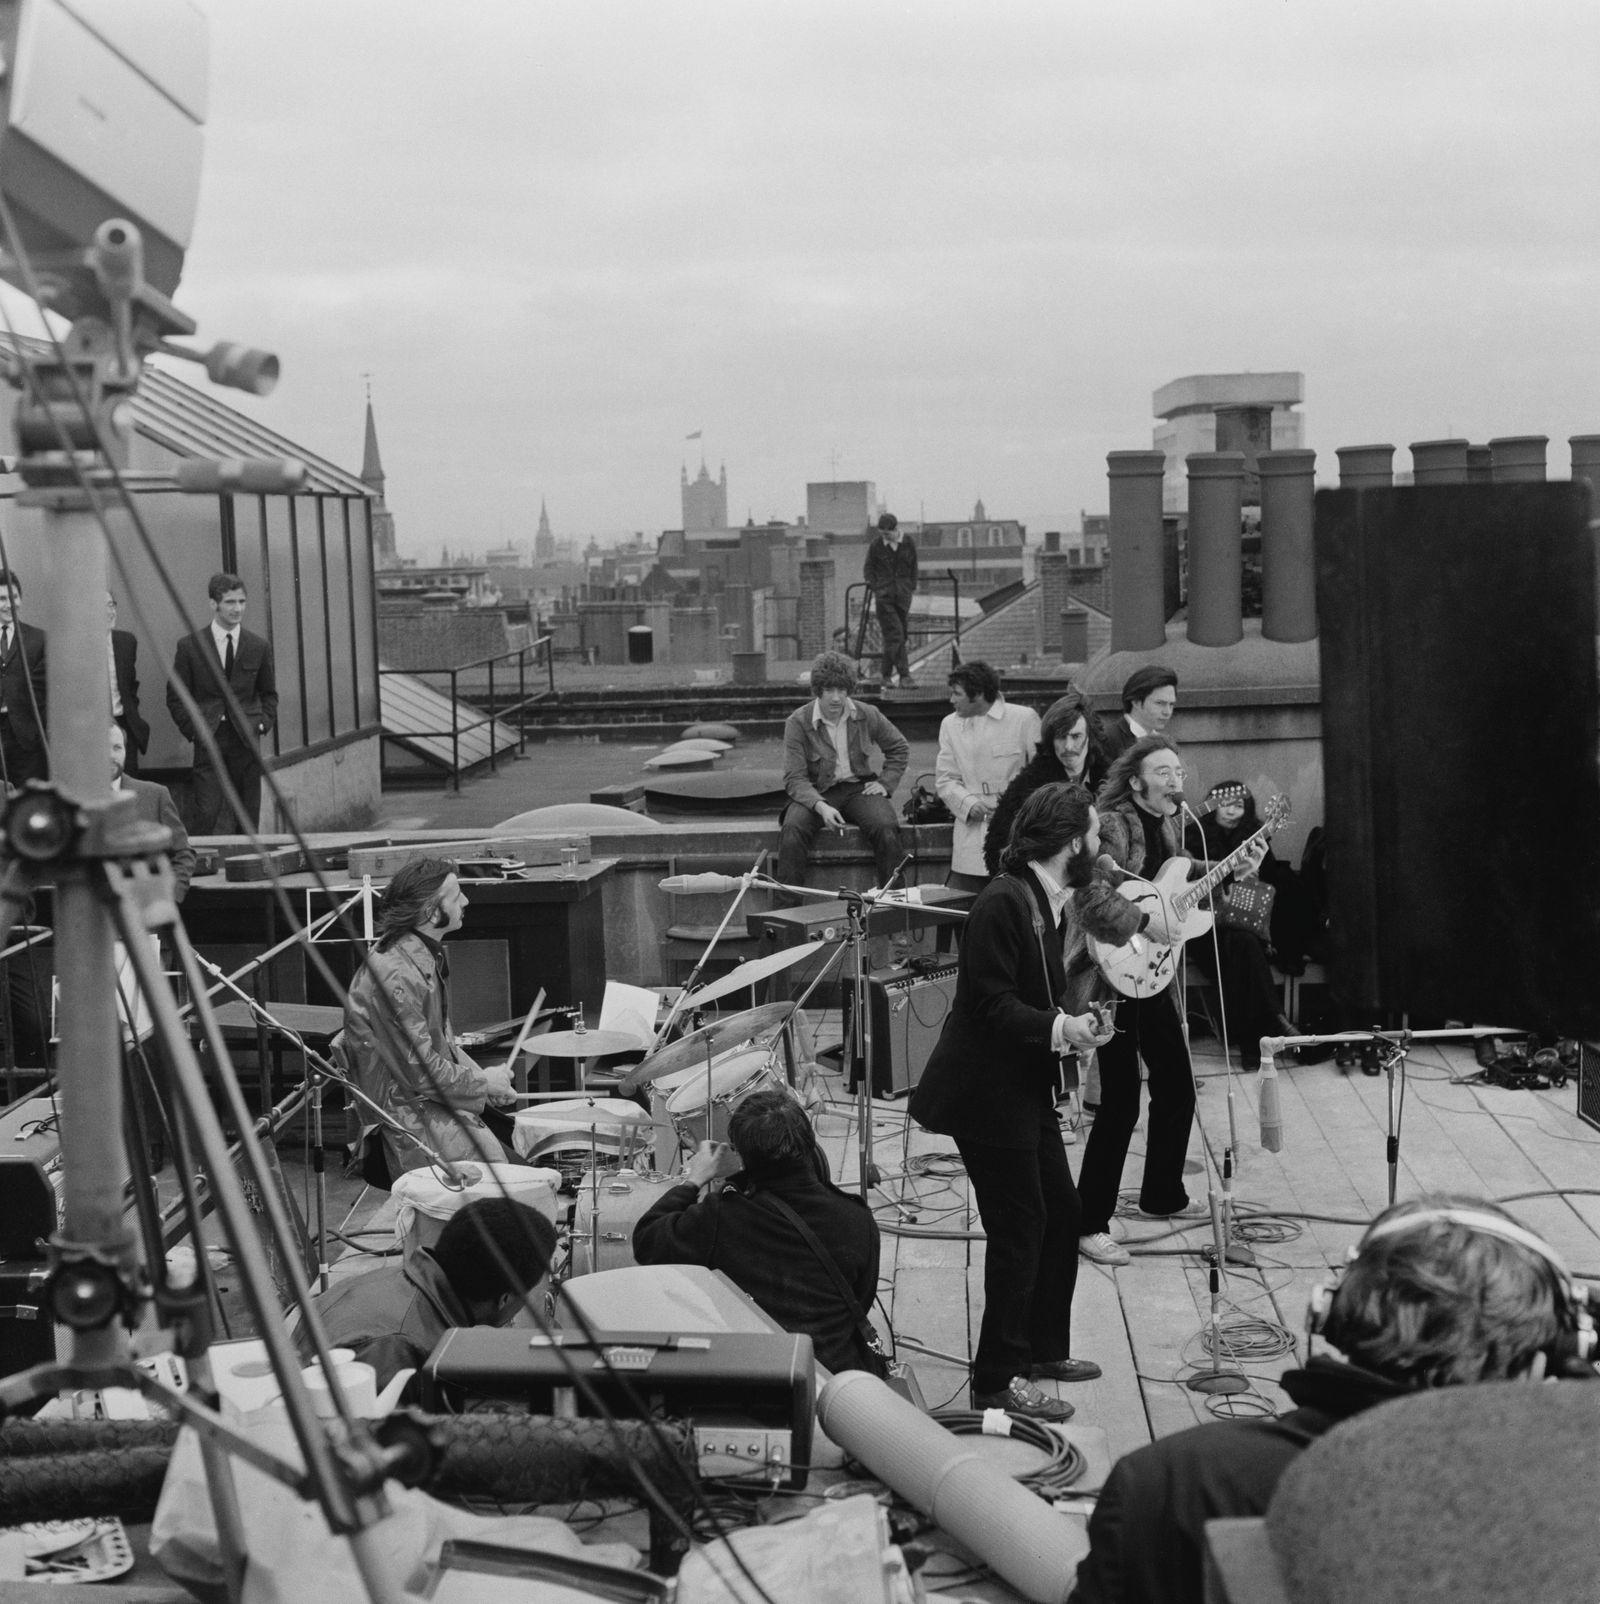 The Beatles' rooftop concert